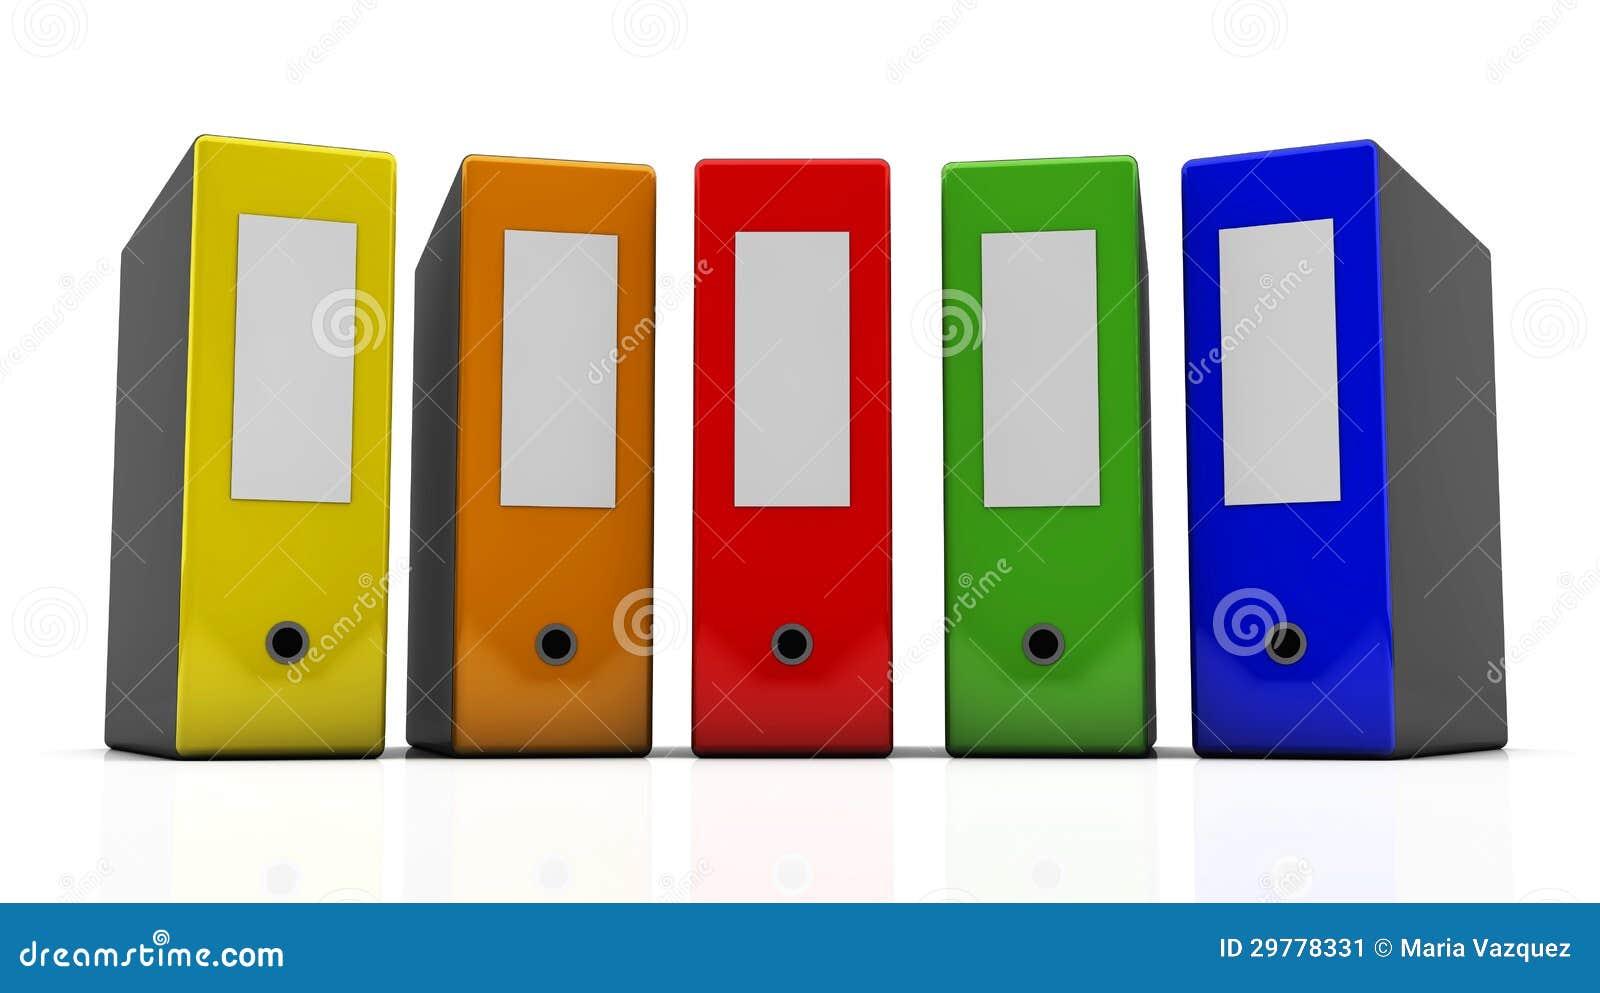 Varias carpetas de archivos multicoloras en el fondo blanco en 3d.